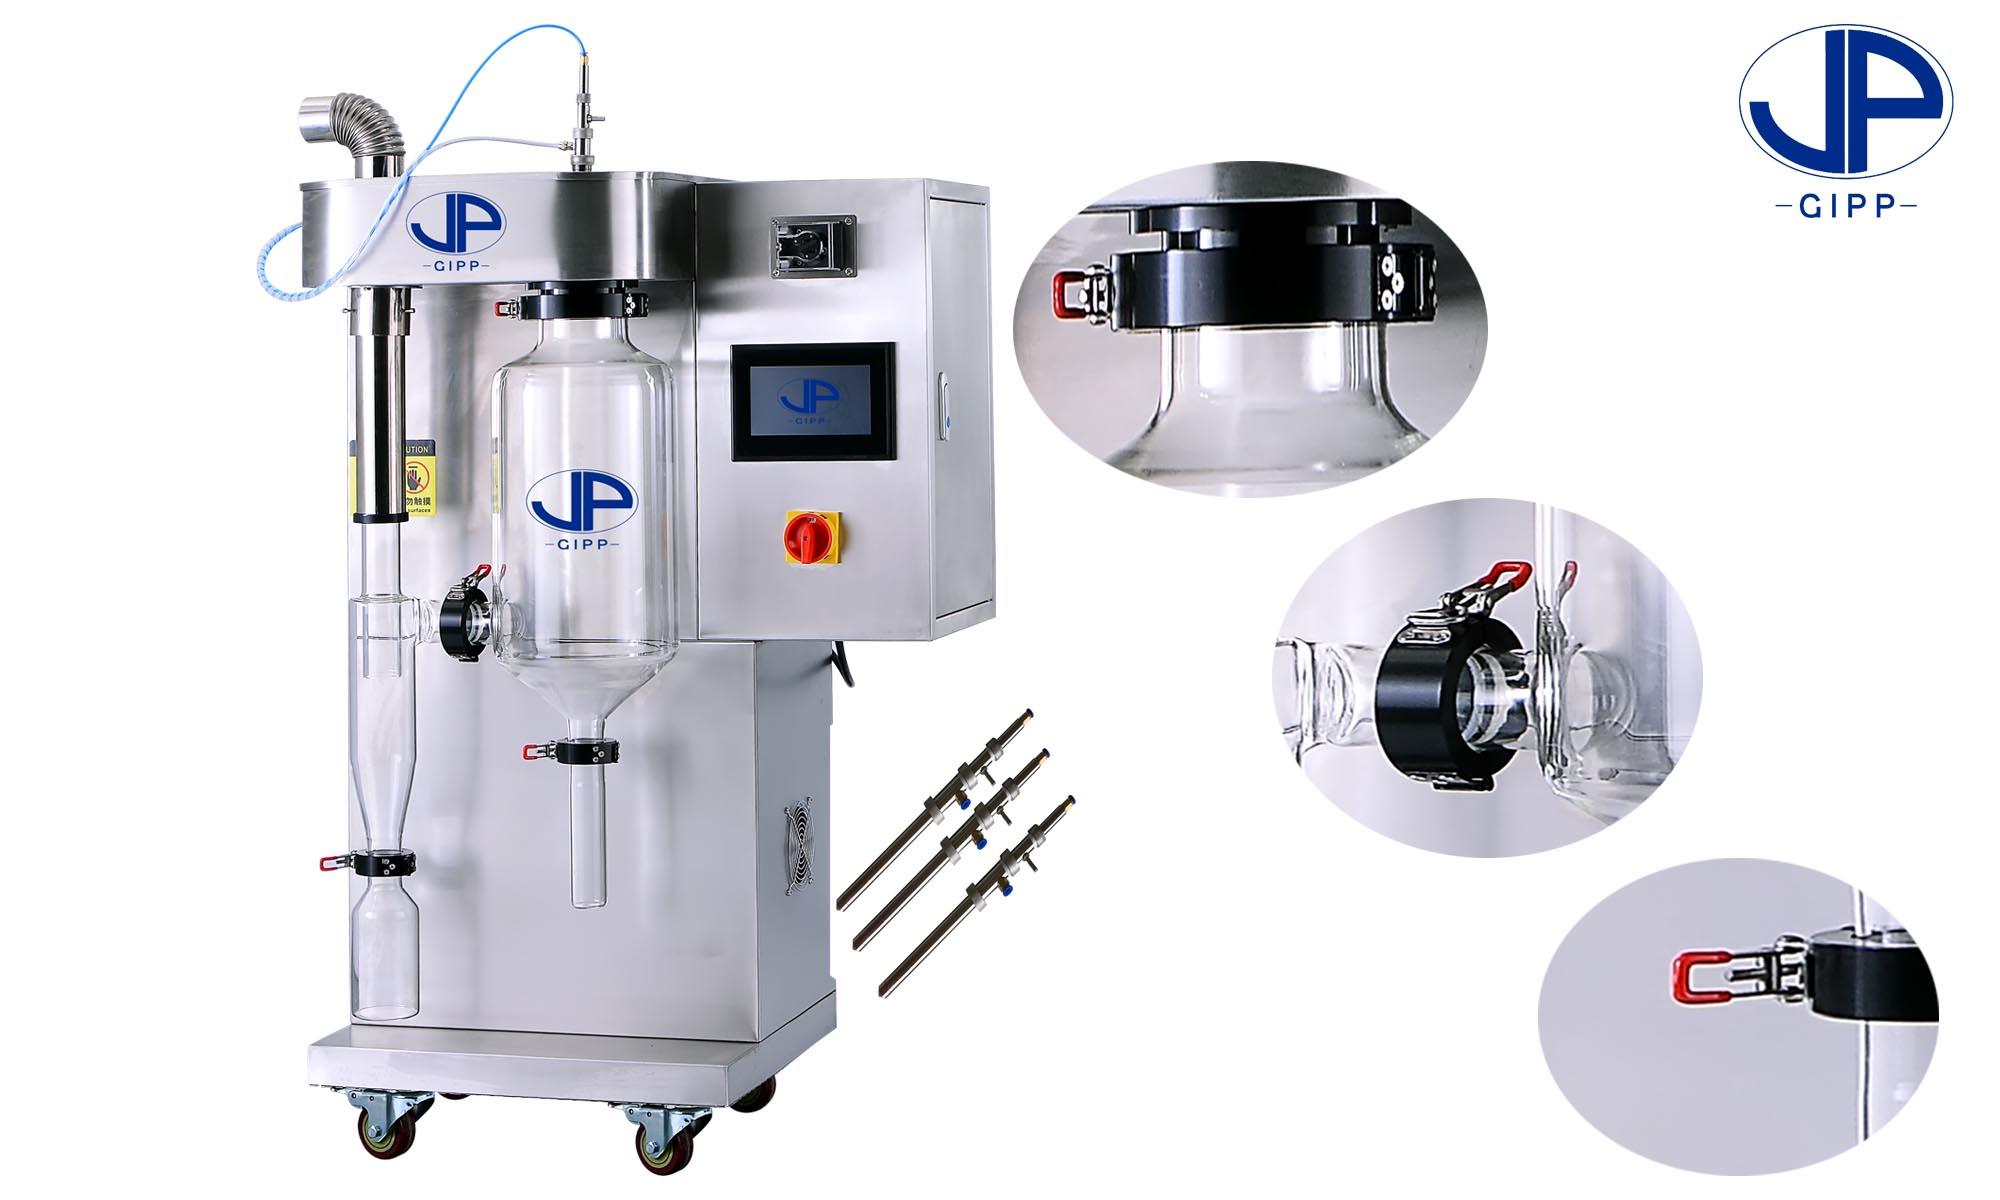 实验室小型喷雾干燥机过滤器的结构与操作原理 喷雾干燥机在工作过程中,实验员比较头疼的问题之一是风机的时常罢工不工作,特别是样品粘度较大的食品、药品。生产者为了给实验员减少工作过程中的障碍研发了过滤器,大大加强了实验效率。喷雾干燥机下面我们来认识一下这个必要工具:过滤器是用滤袋的方法过滤粉尘,简称袋滤器。袋滤器是将含尘气体通过滤袋滤除去其中粉尘粒子的一种高效分离捕集装置。在喷雾干燥系统中常作为产品回收装置,安装在引风机前,气体随后通过排风管排出。一、袋滤器由内滤式和外滤式两种。内滤式袋滤器:含尘气体由滤袋内